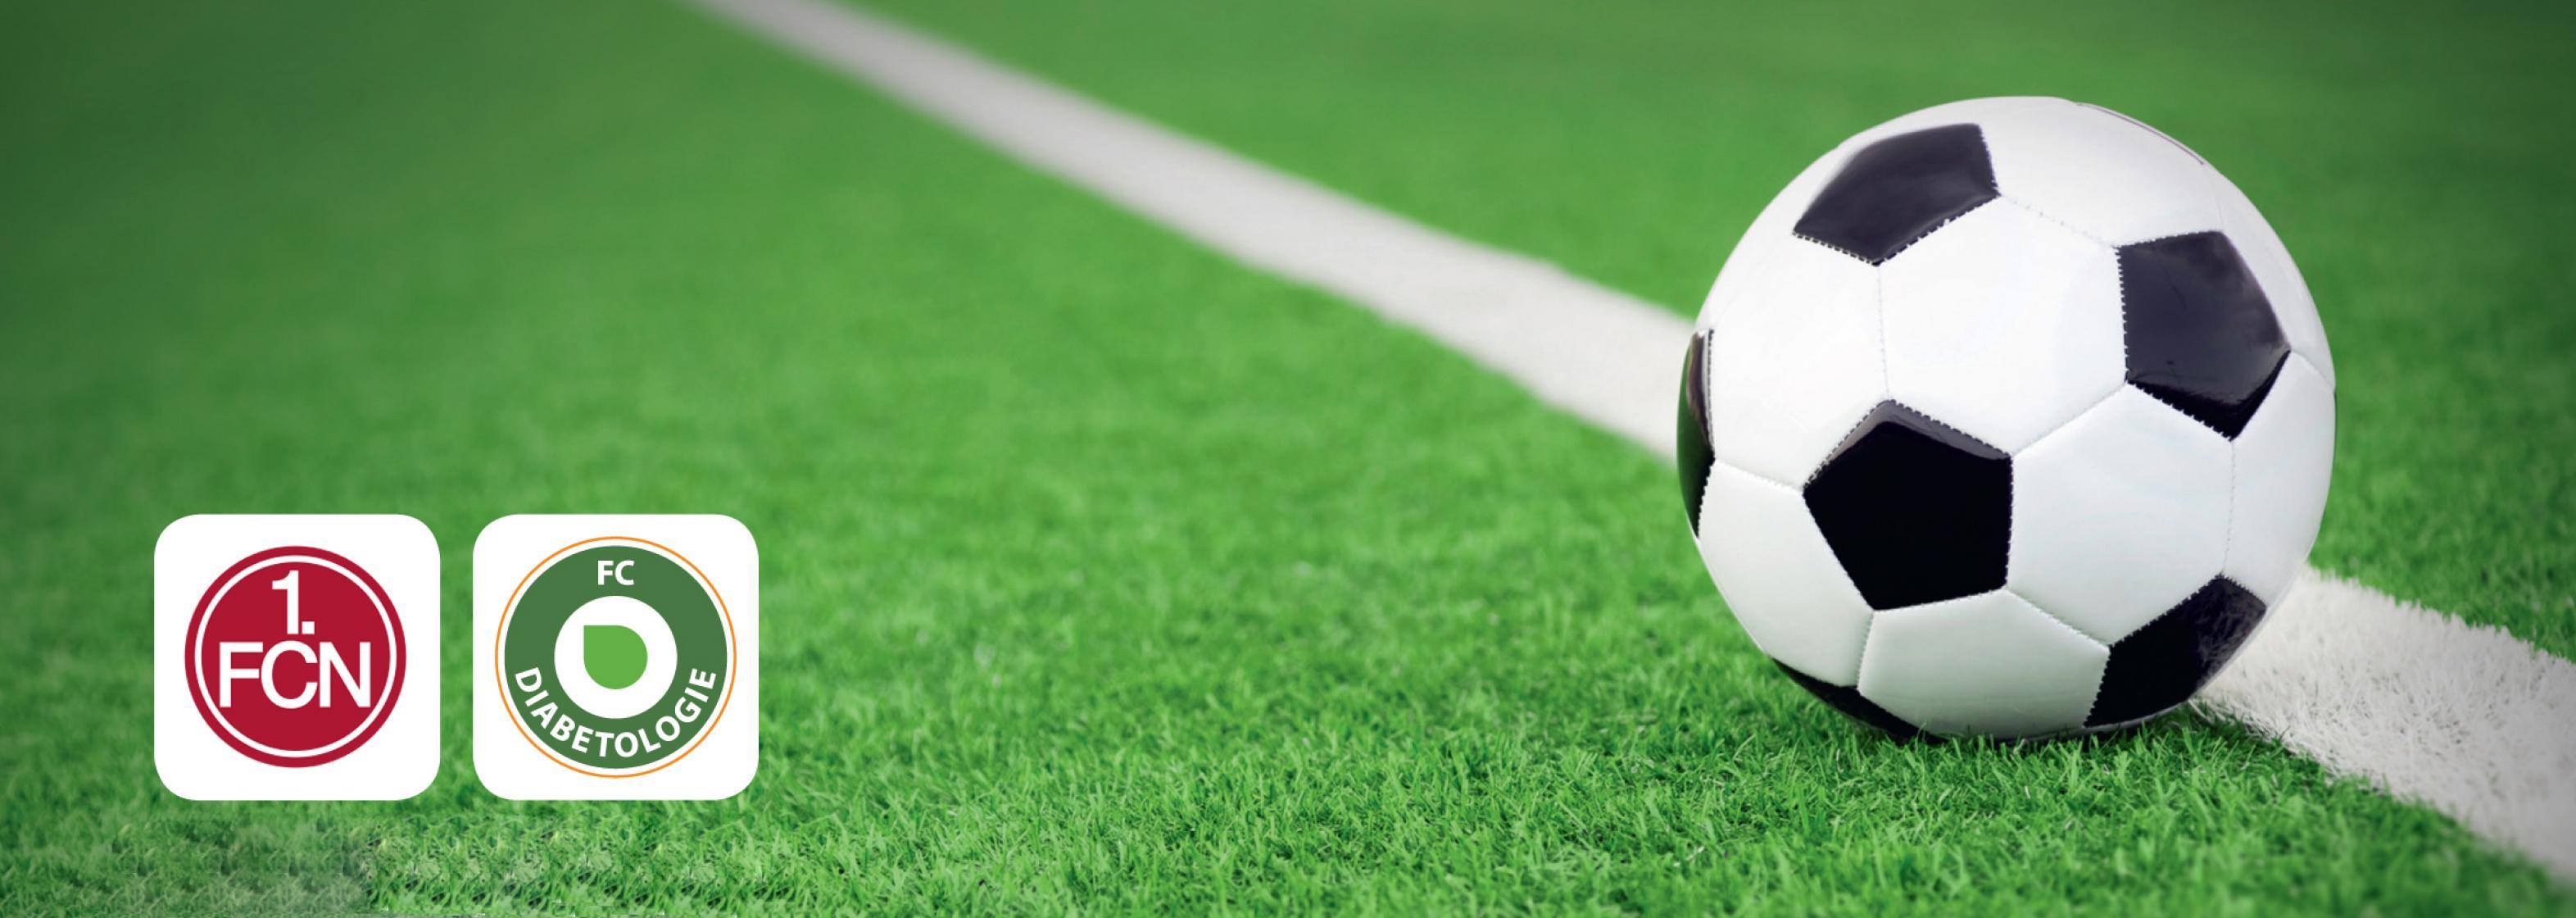 Grafik Fußballspiel